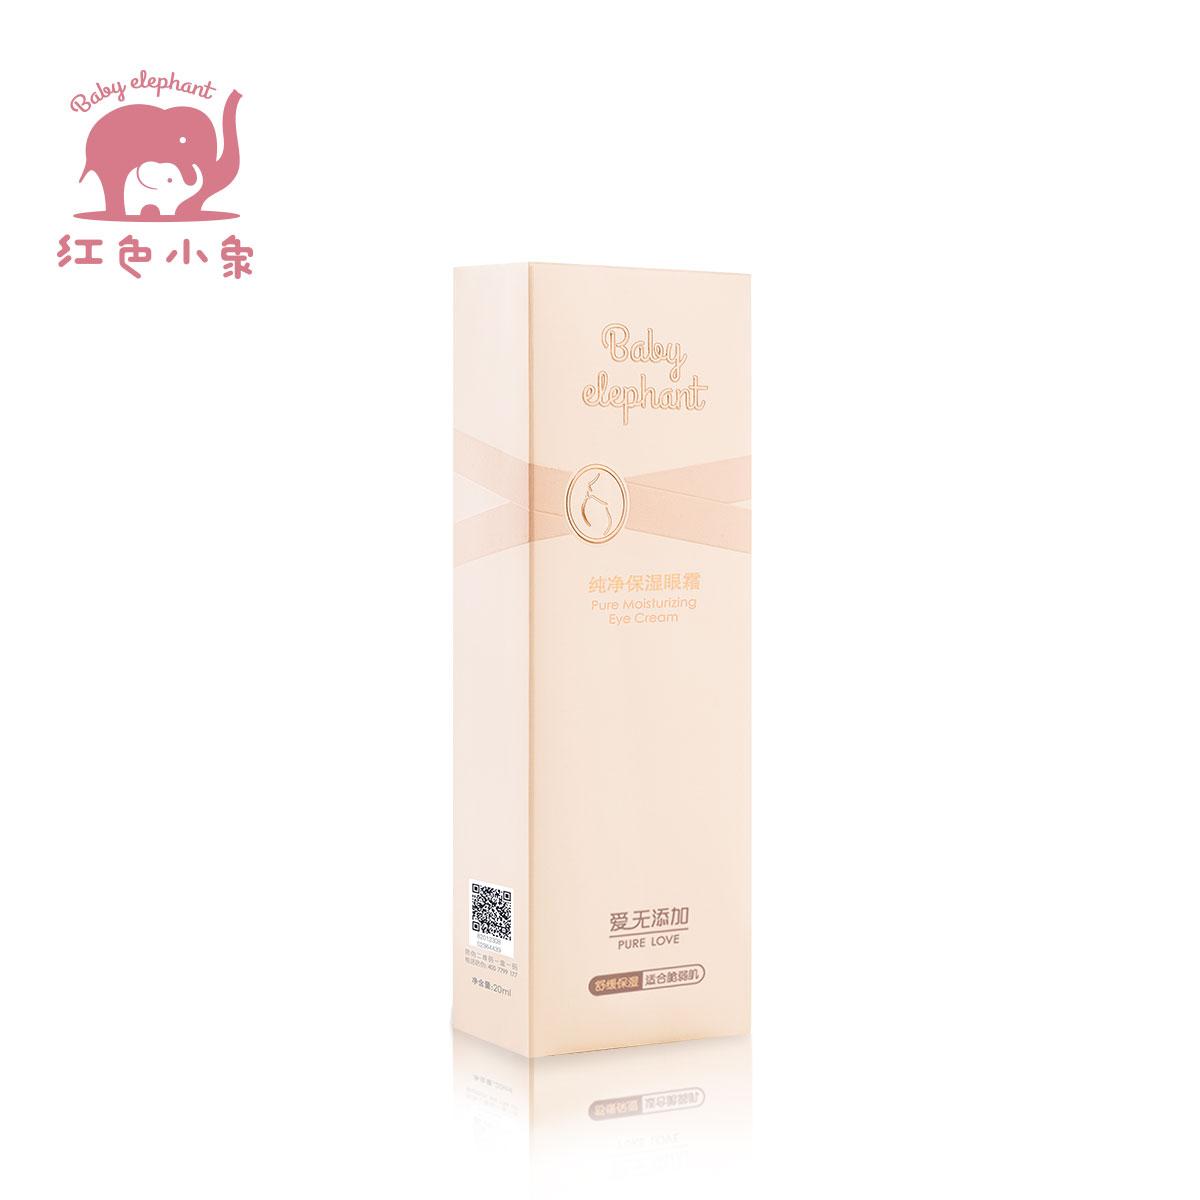 红色小象纯净保湿眼霜系列 怀孕期孕妇专用化妆品护肤品